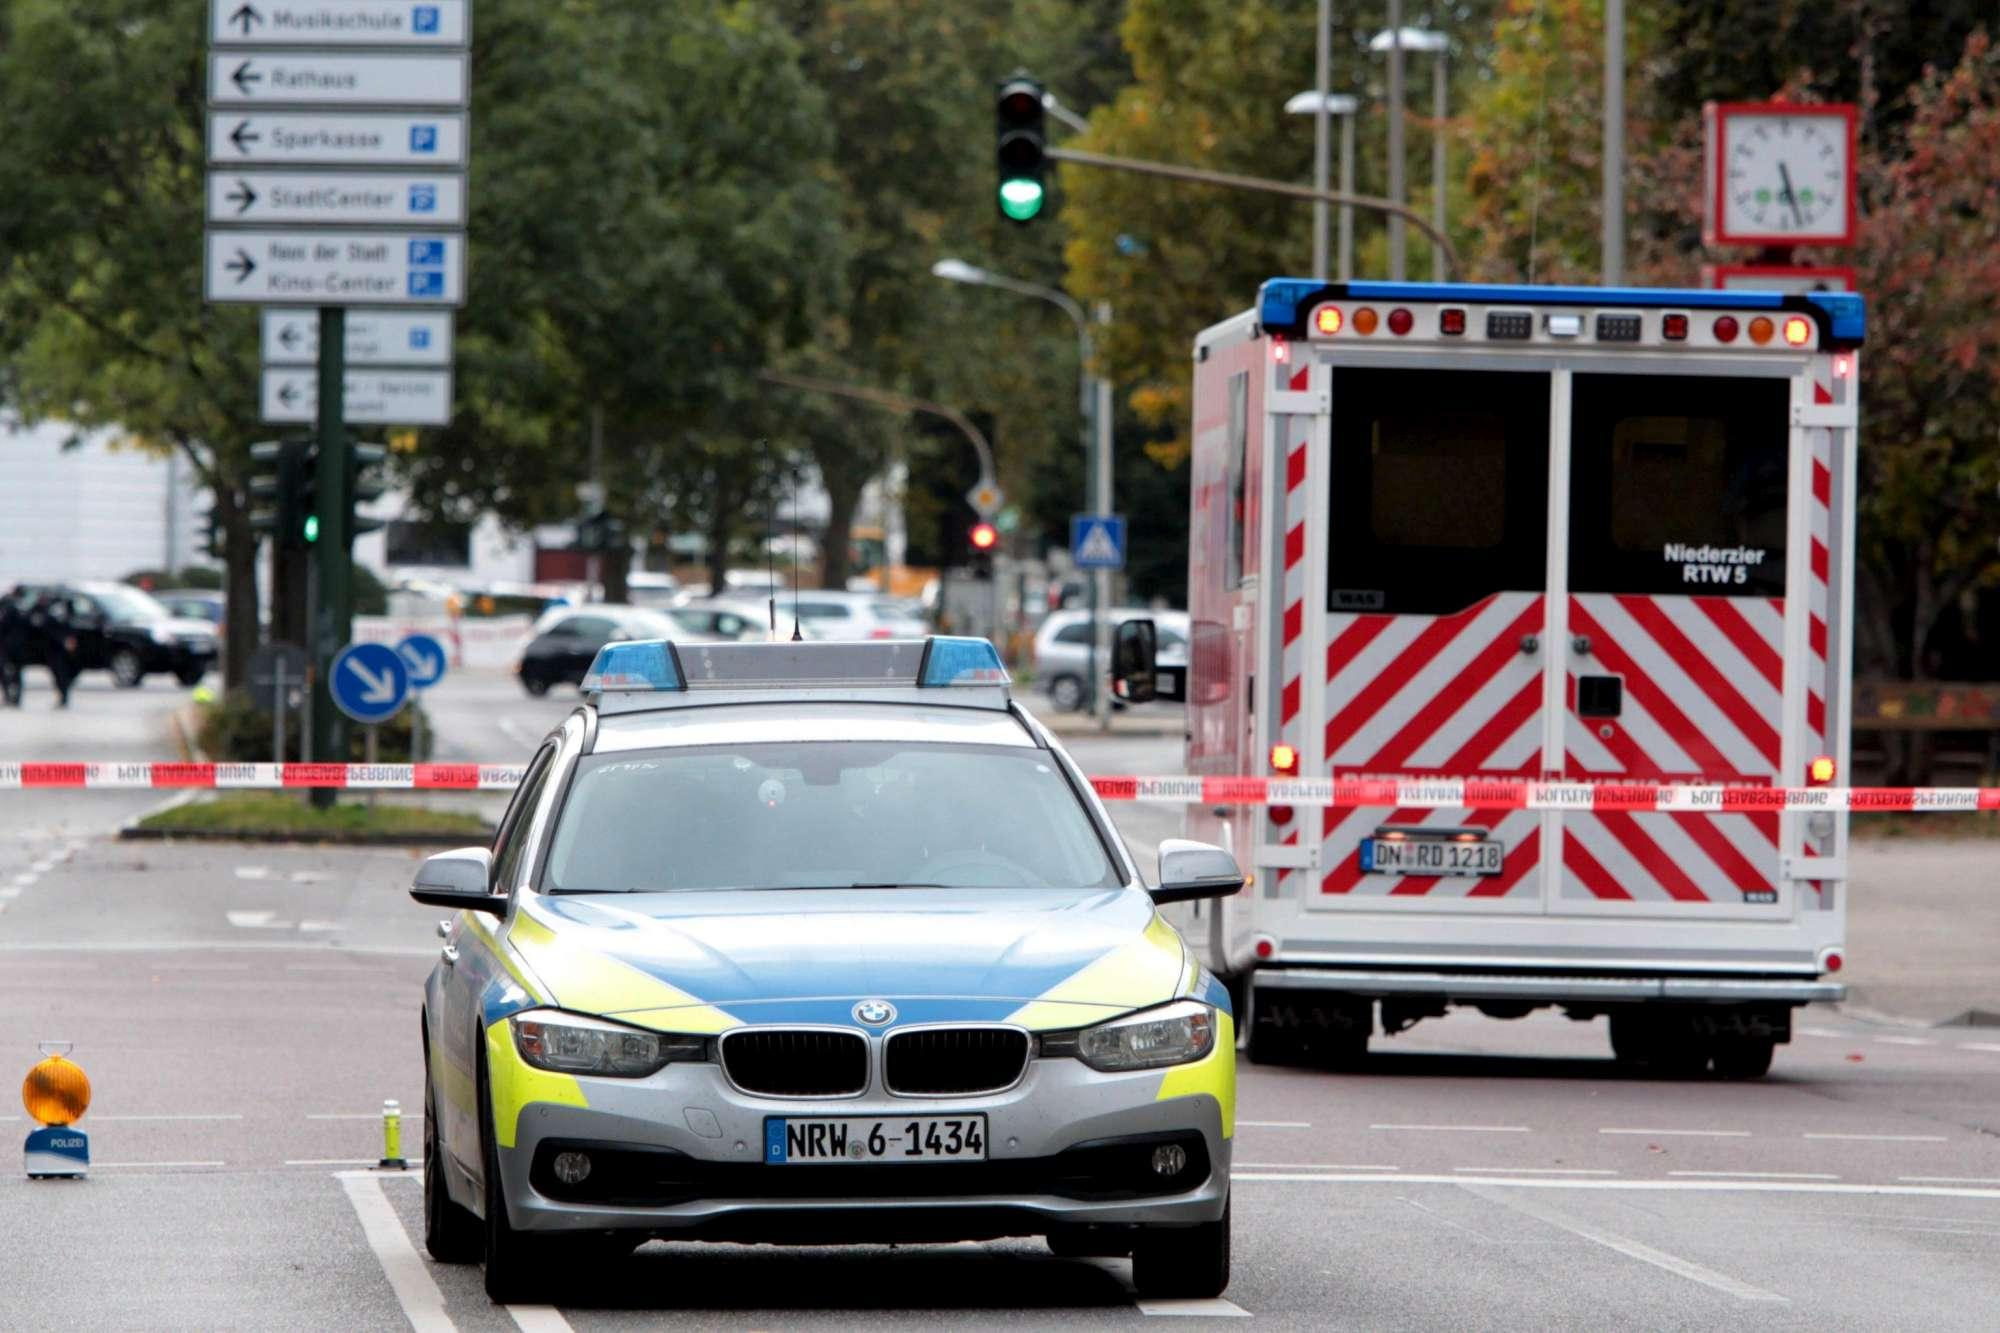 Germania, sparatoria dal parrucchiere: 1 morto e un ferito grave.